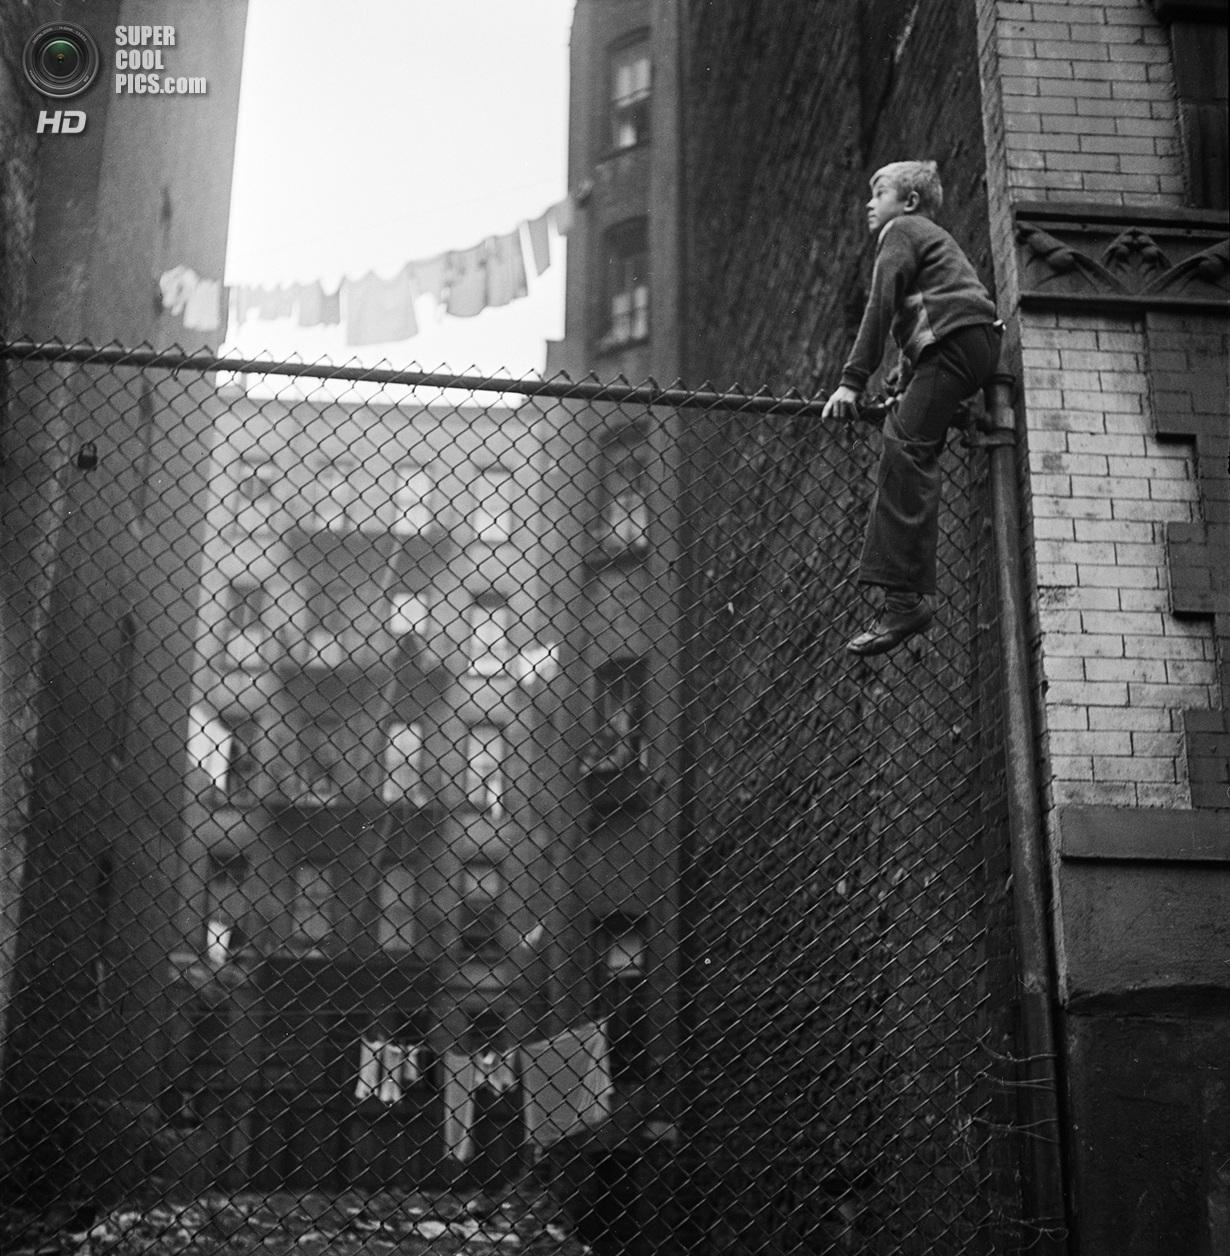 США. Нью-Йорк. 1947 год. Мальчик, вылезший на забор. (V&M/Look/Stanley Kubrick)